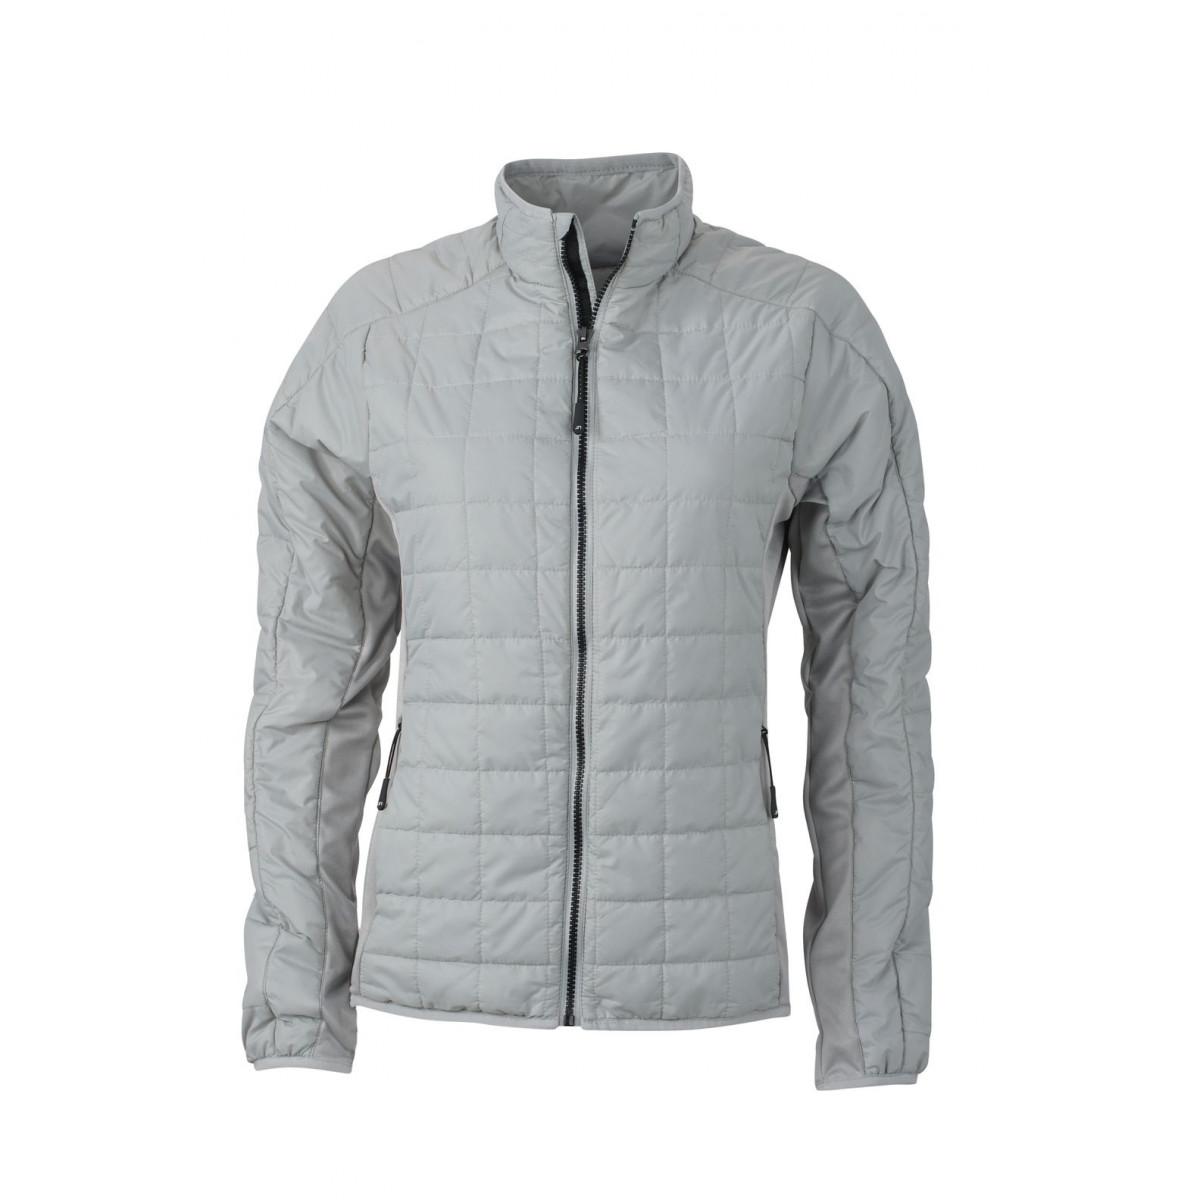 Куртка женская JN1115 Ladies Hybrid Jacket - Серебряный/Серебряный